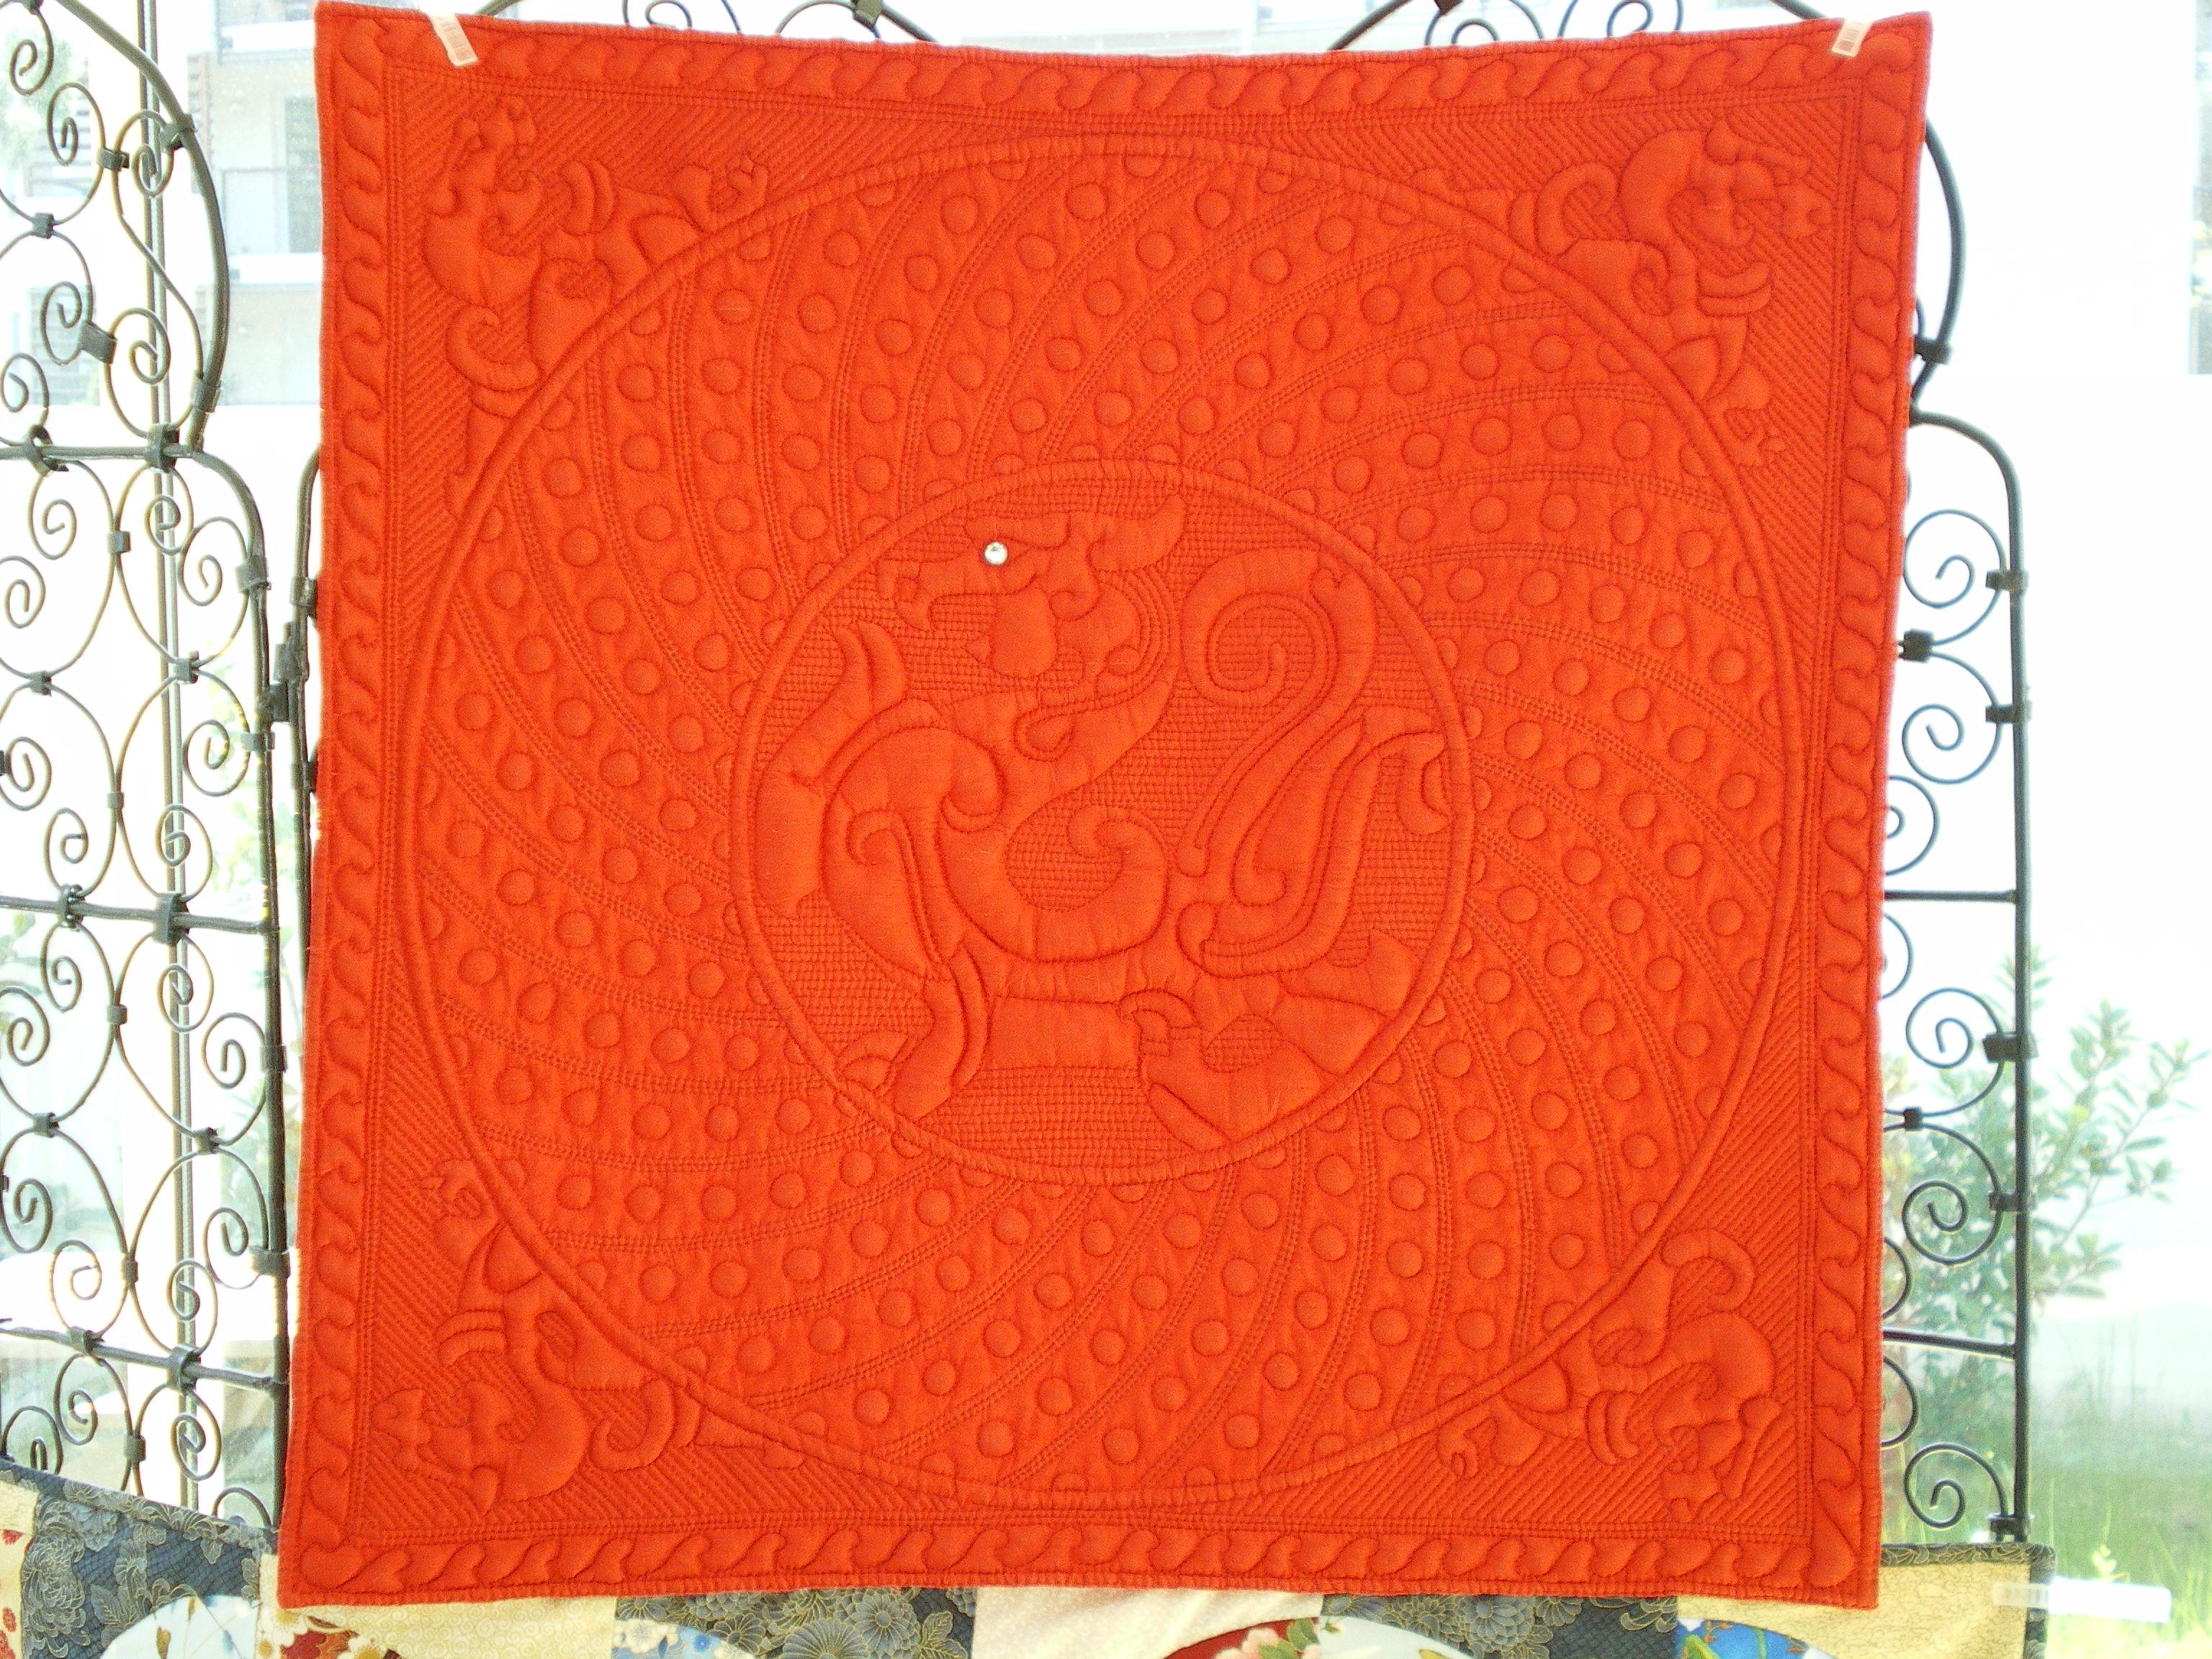 Dragon de soie rouge, création D. Fave